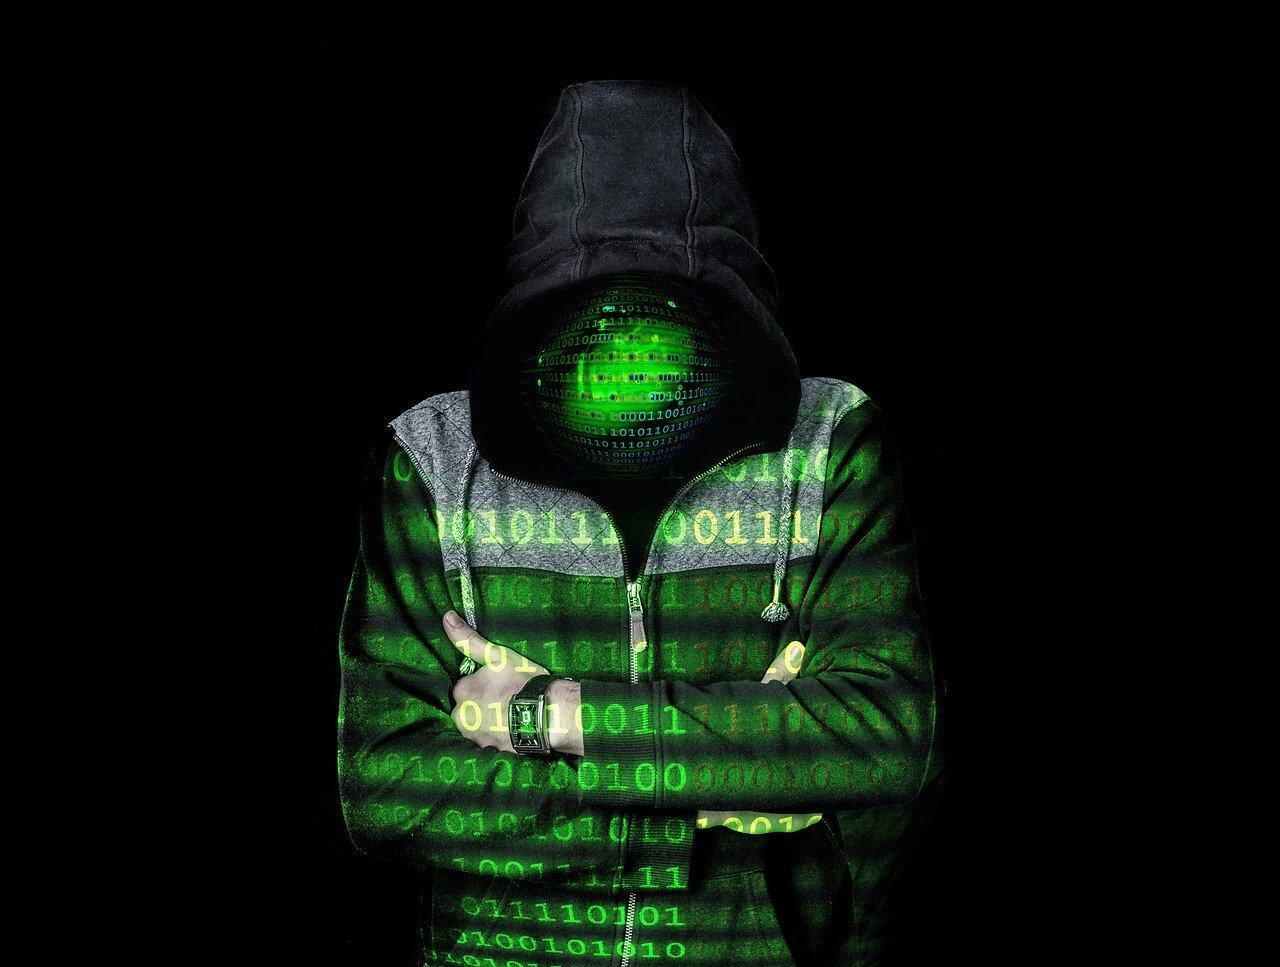 揭秘:你的个人数据在暗网卖多少钱?